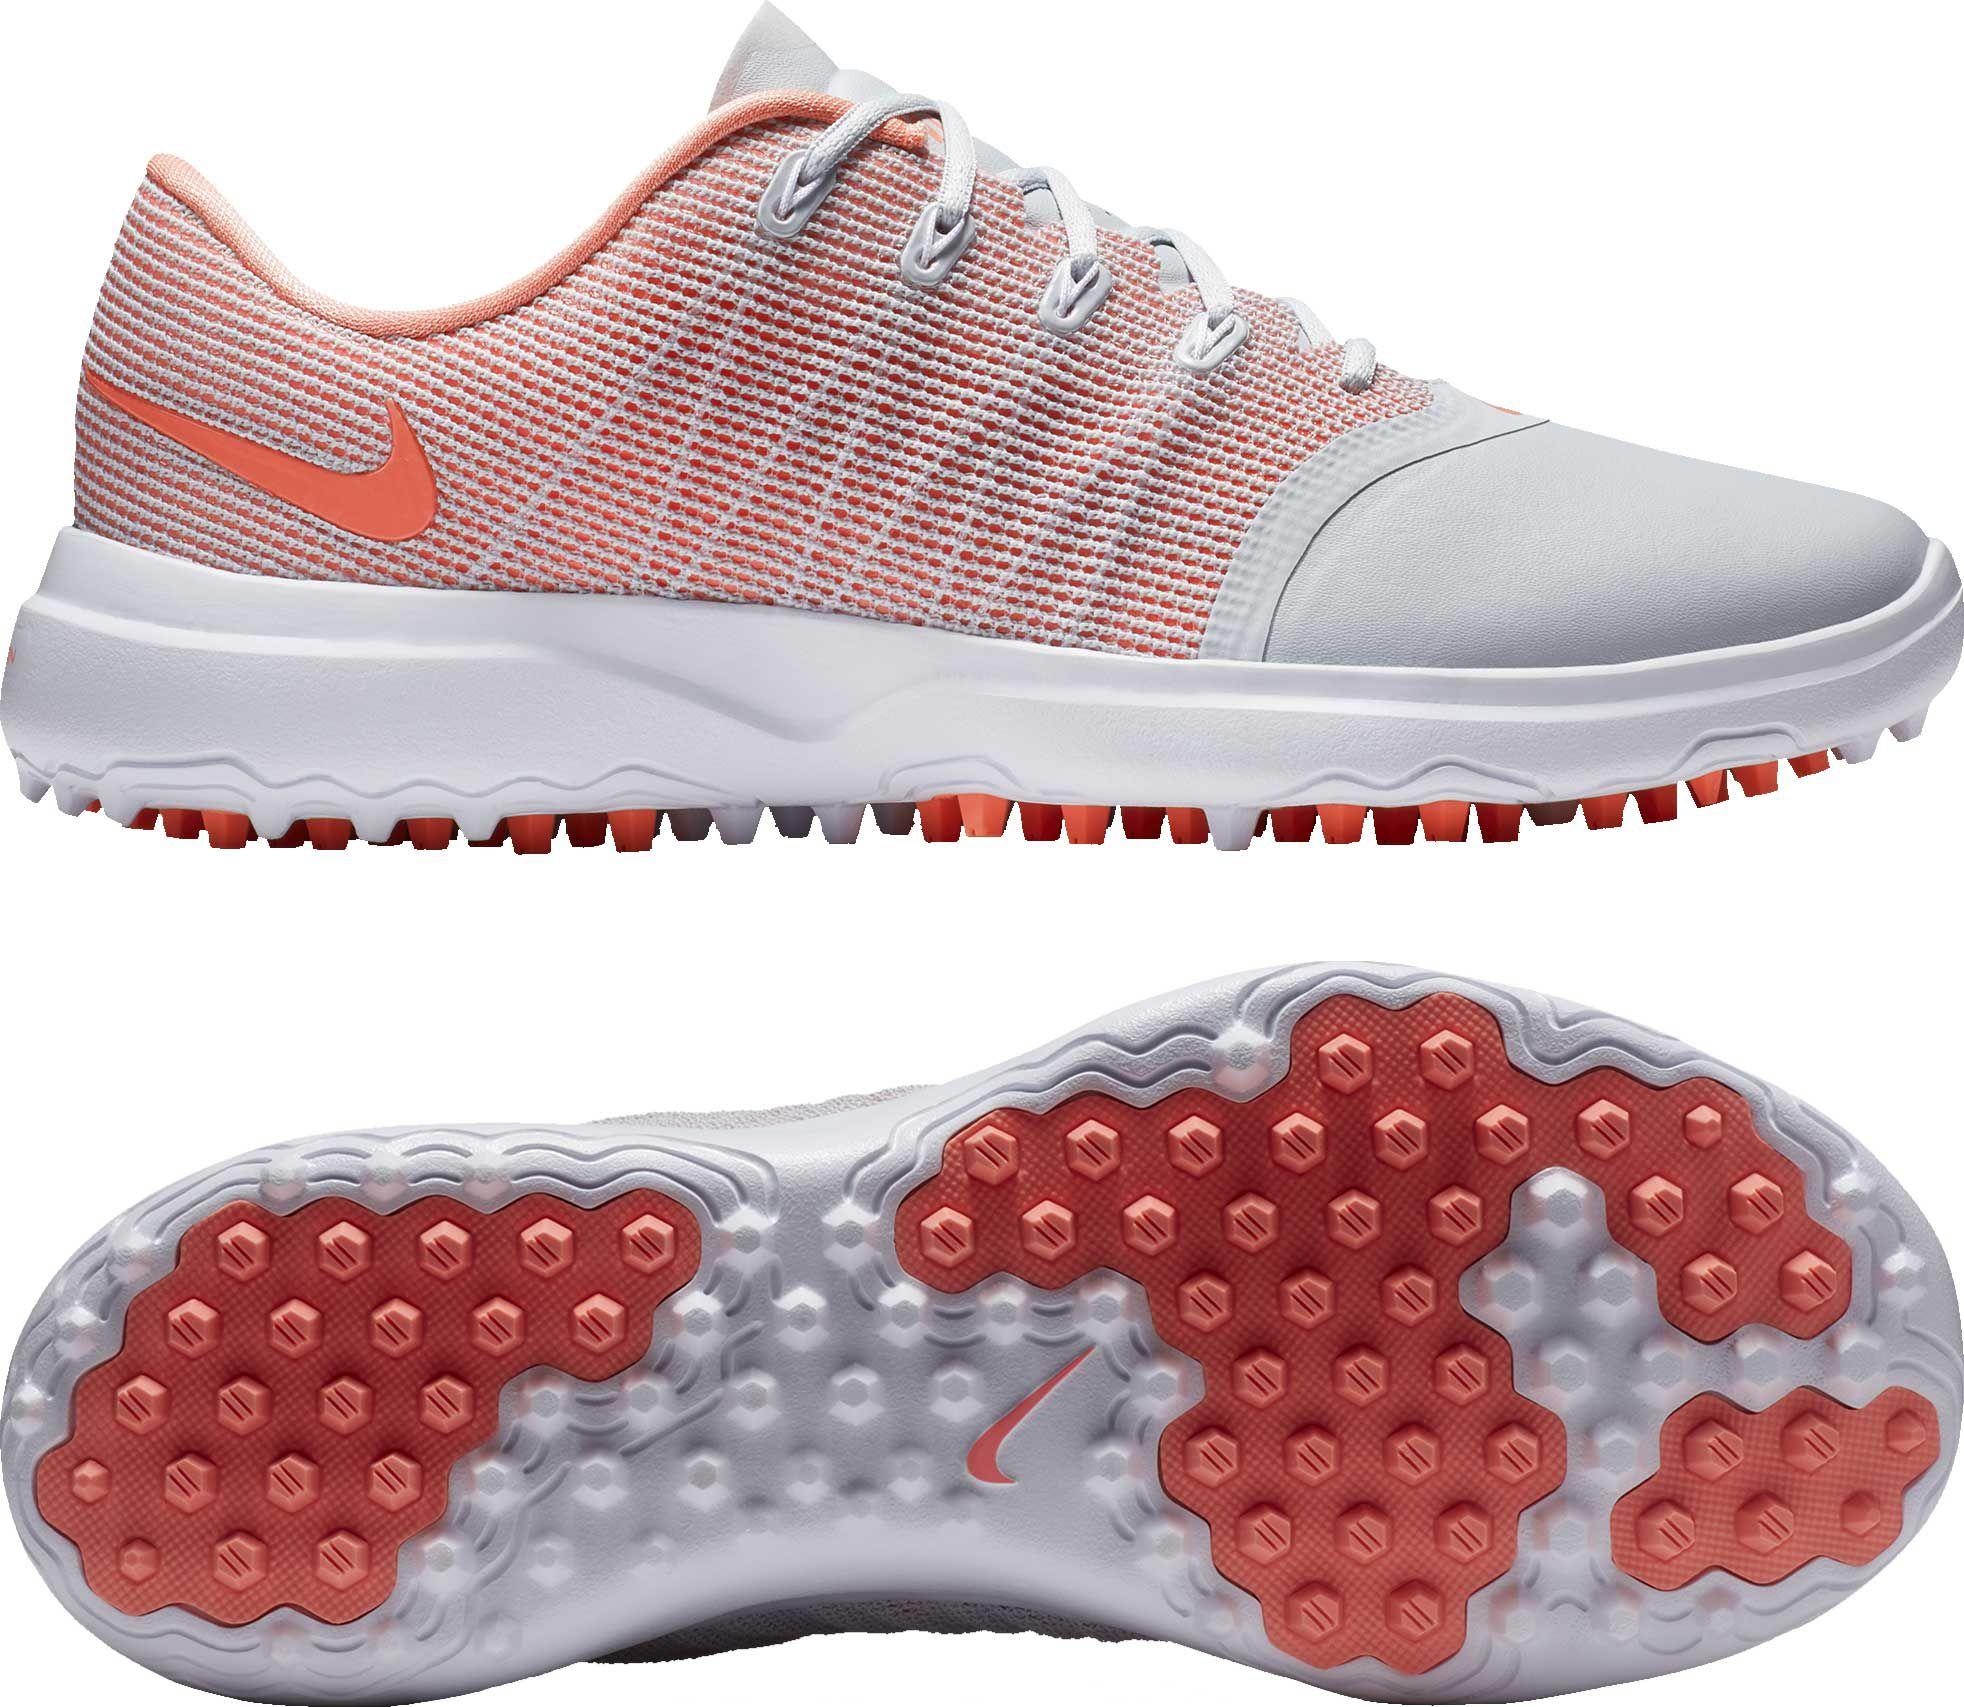 406a148044a3 Nike Women s Lunar Empress 2 Golf Shoes